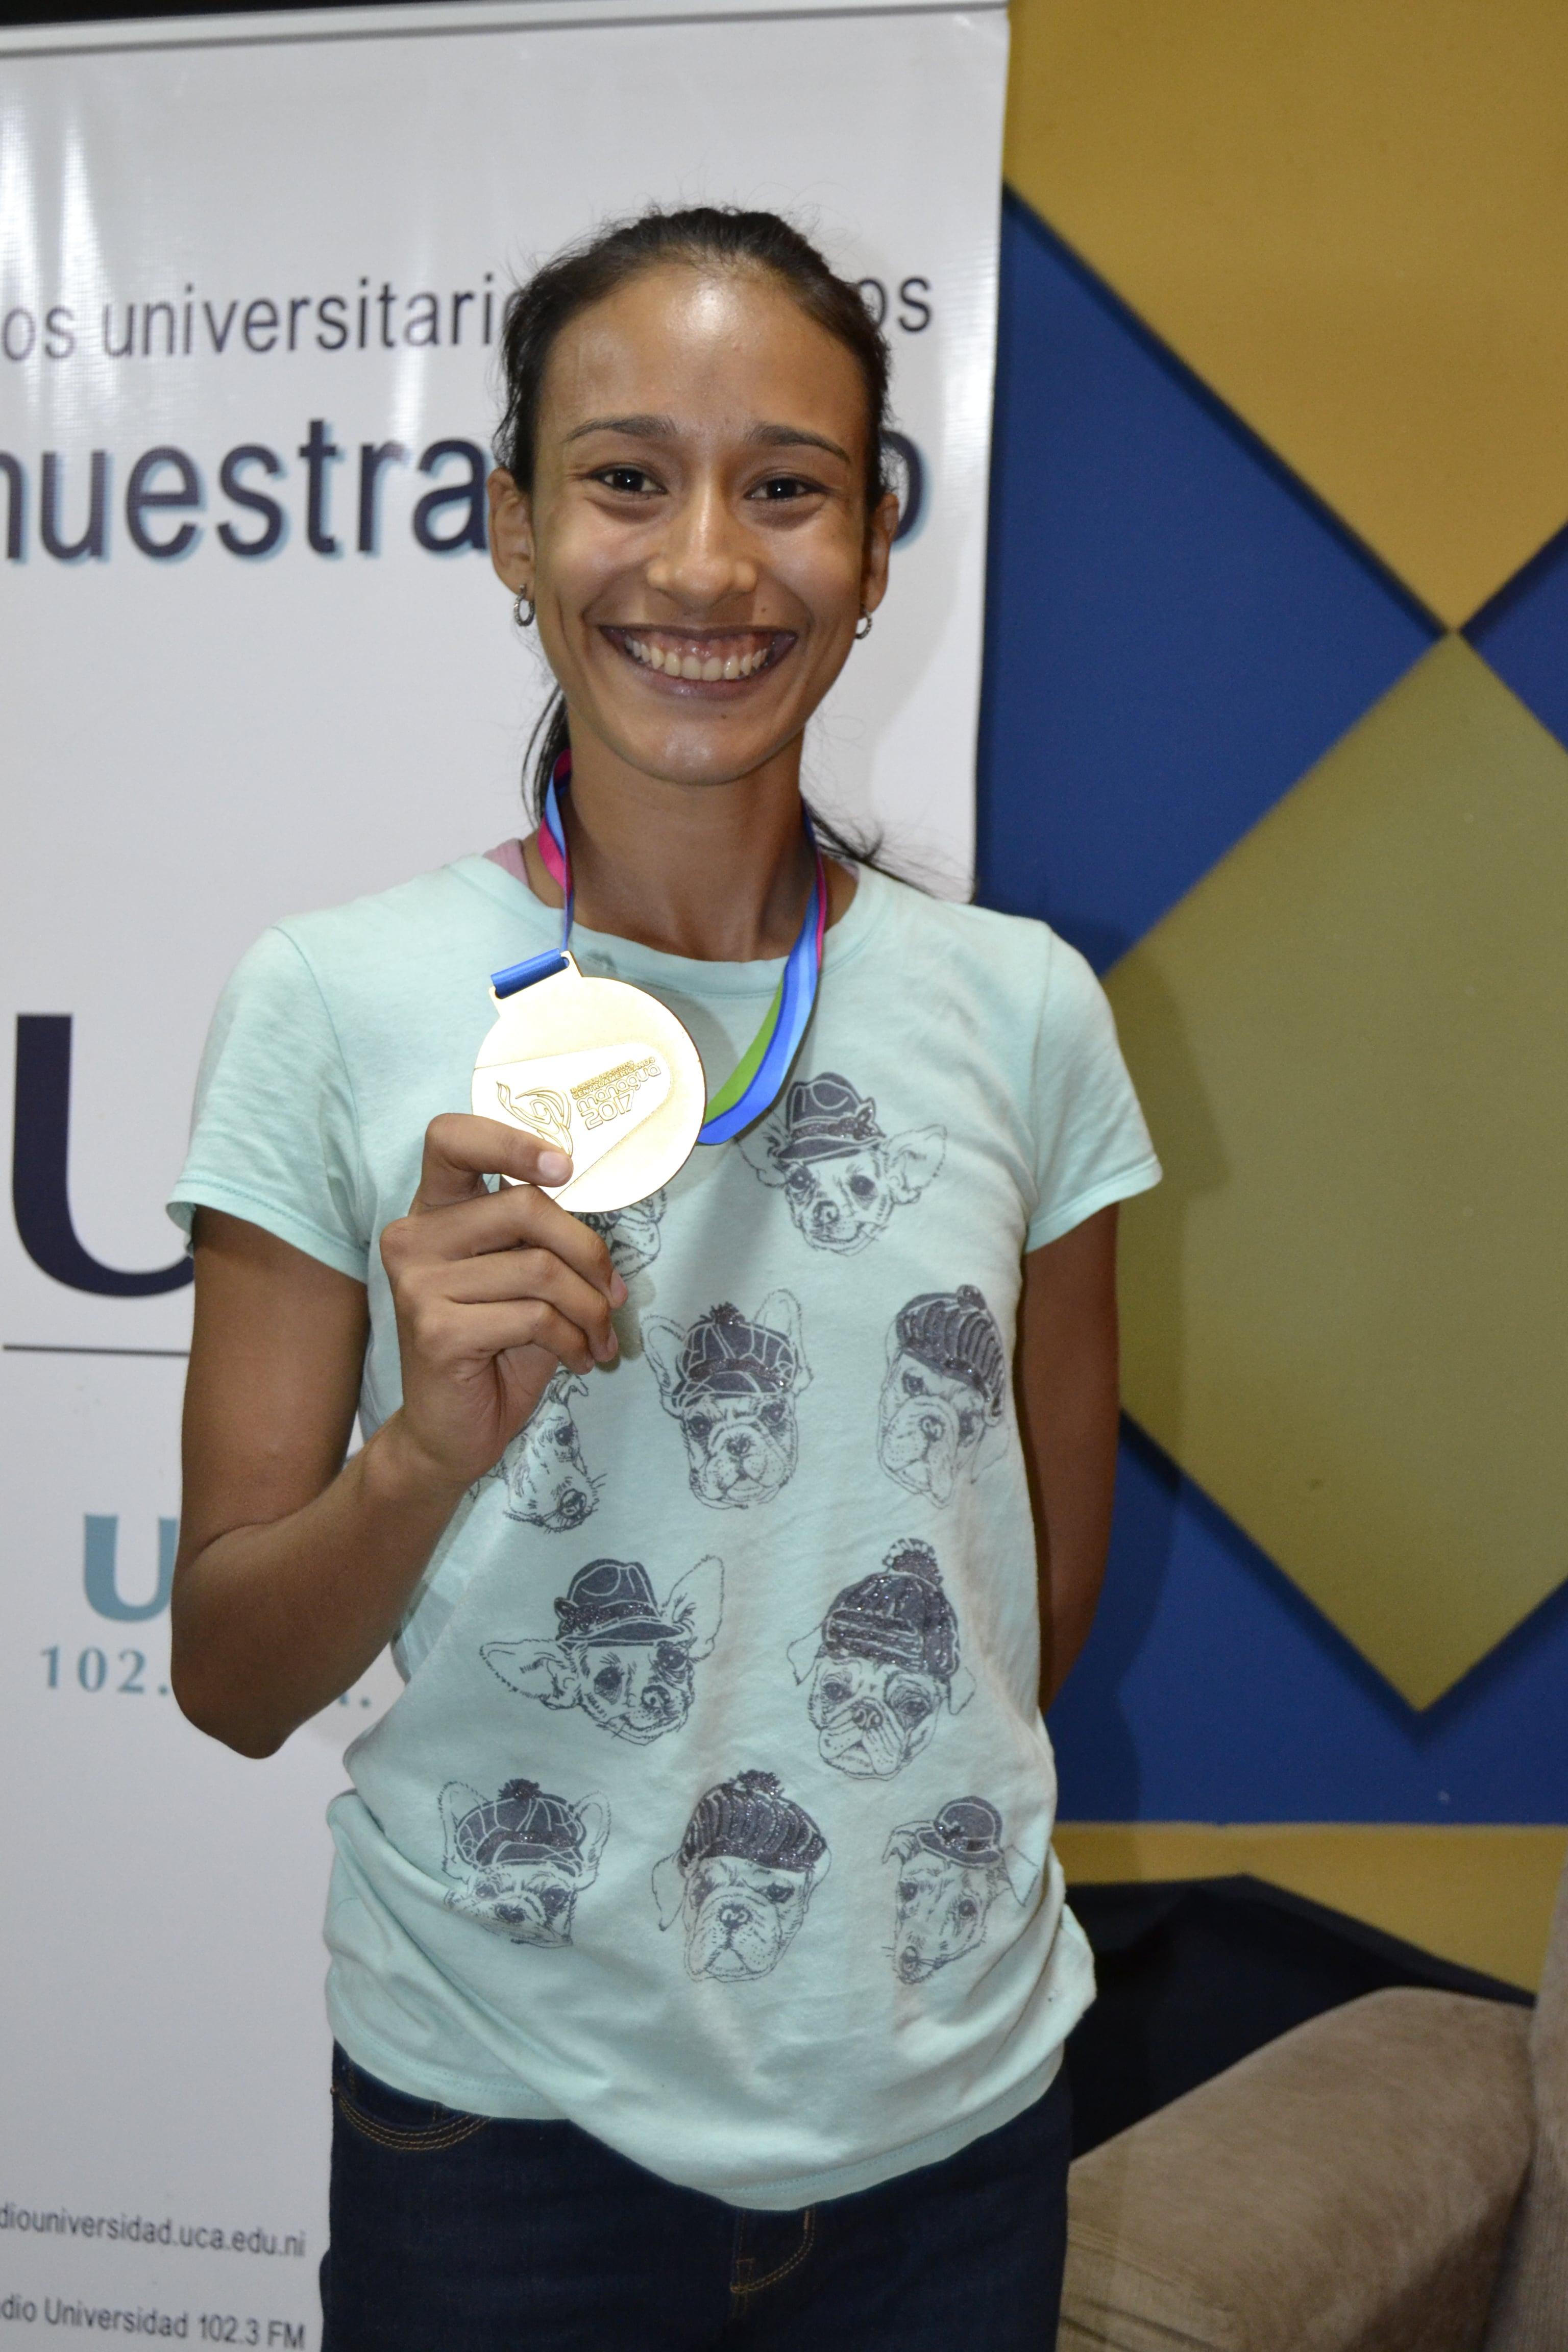 Mujeres nicas hacen historia en el deporte centroamericano